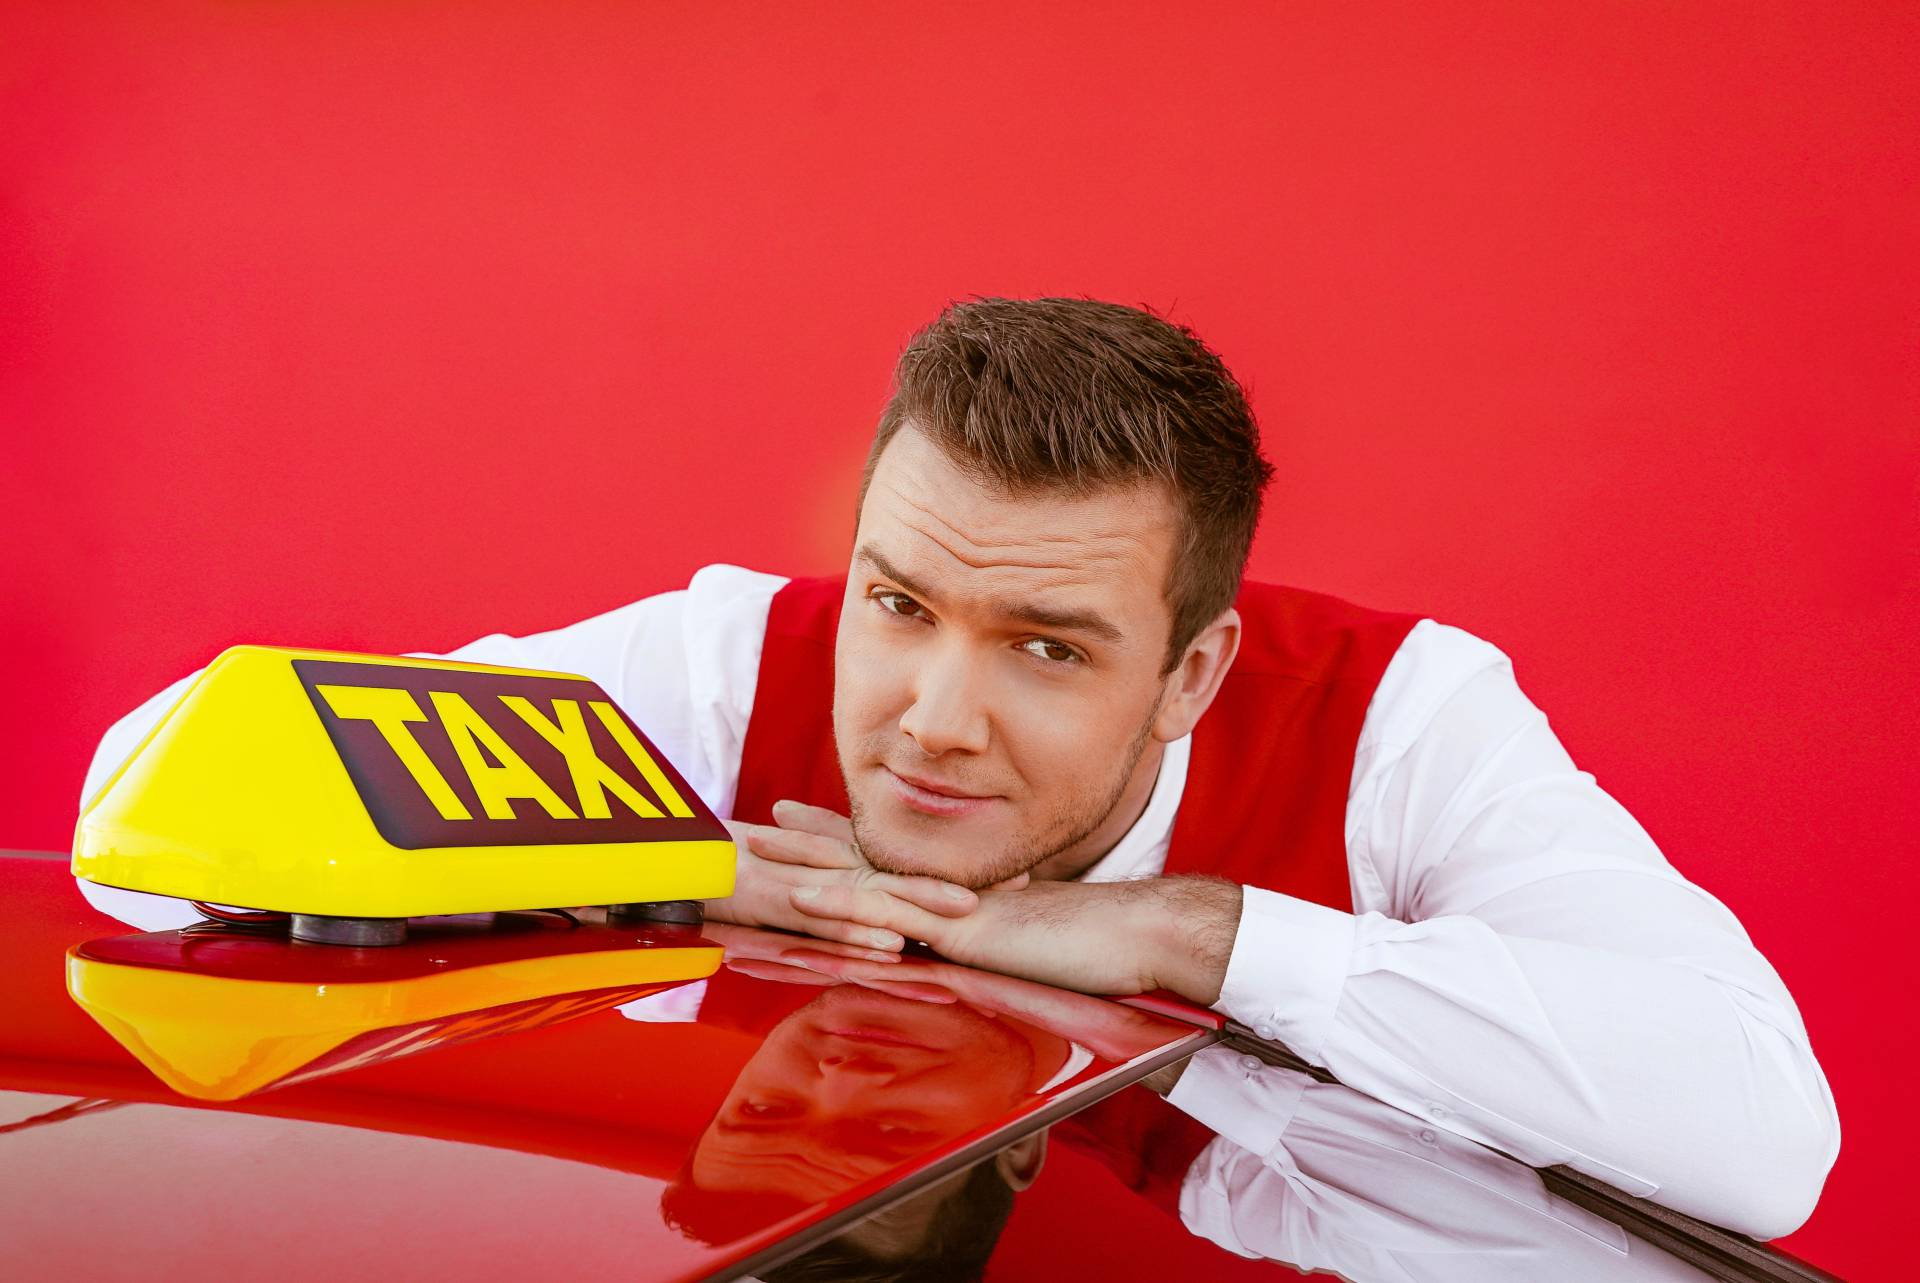 Luka Basi izbacio pjesmu Taxi pa poručio: 'Ne vozi kada piješ'